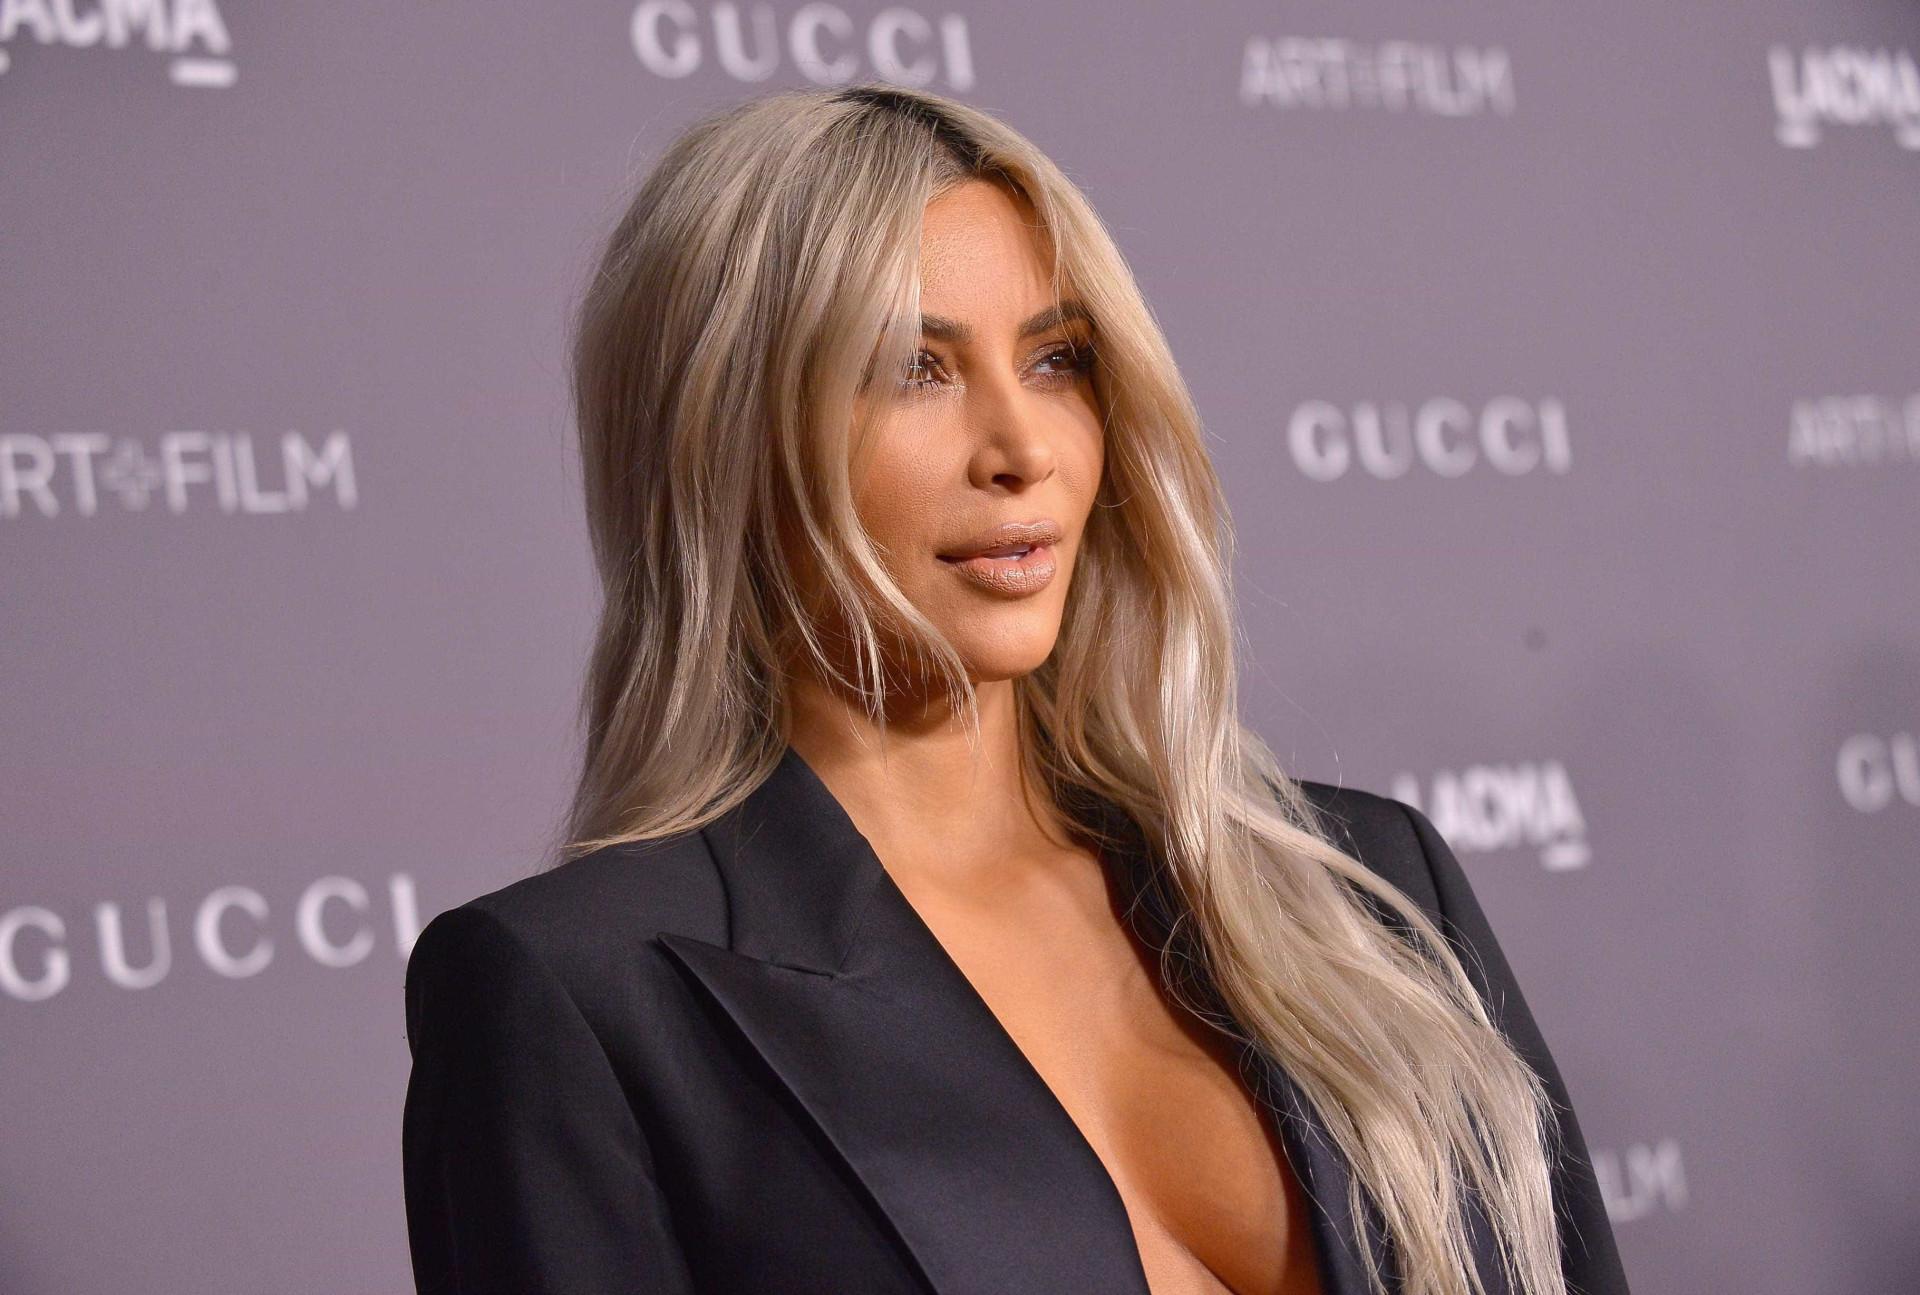 Kim Kardashian 'esquece-se' de soutien e dá nas vistas em evento